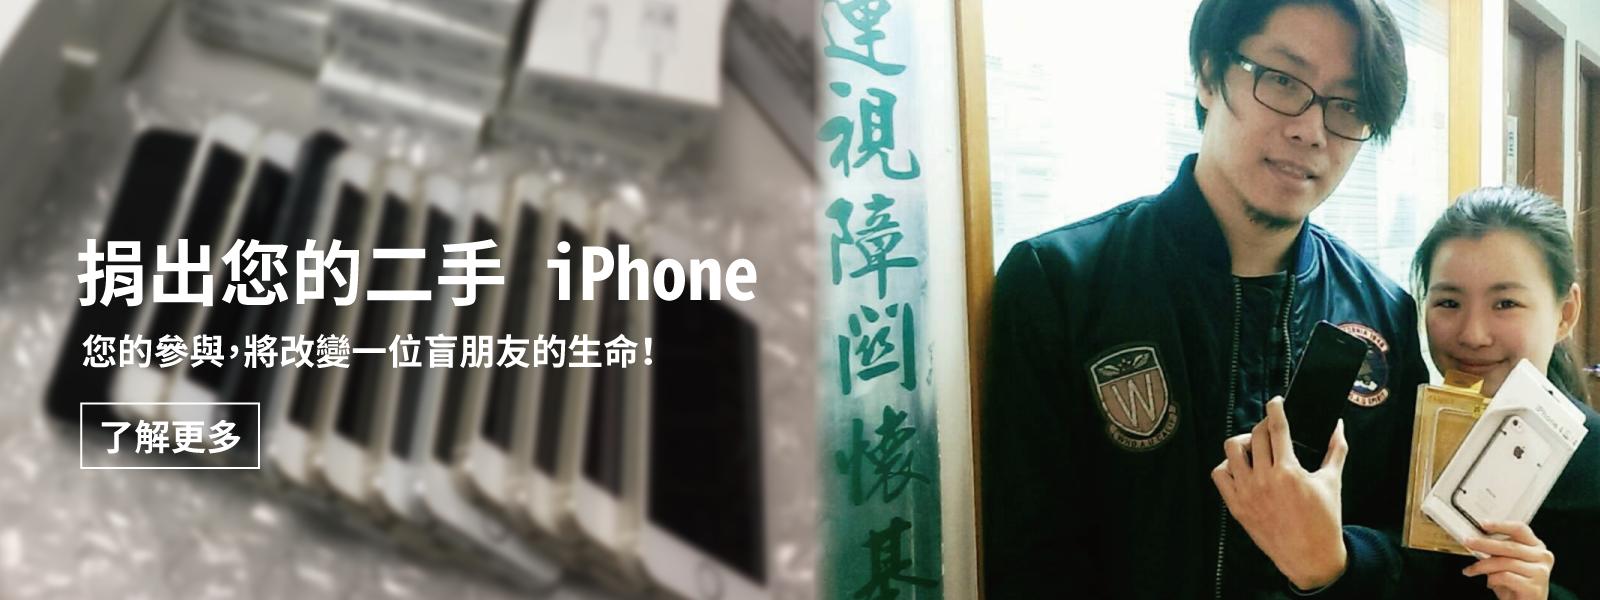 捐出您的二手 iPhone